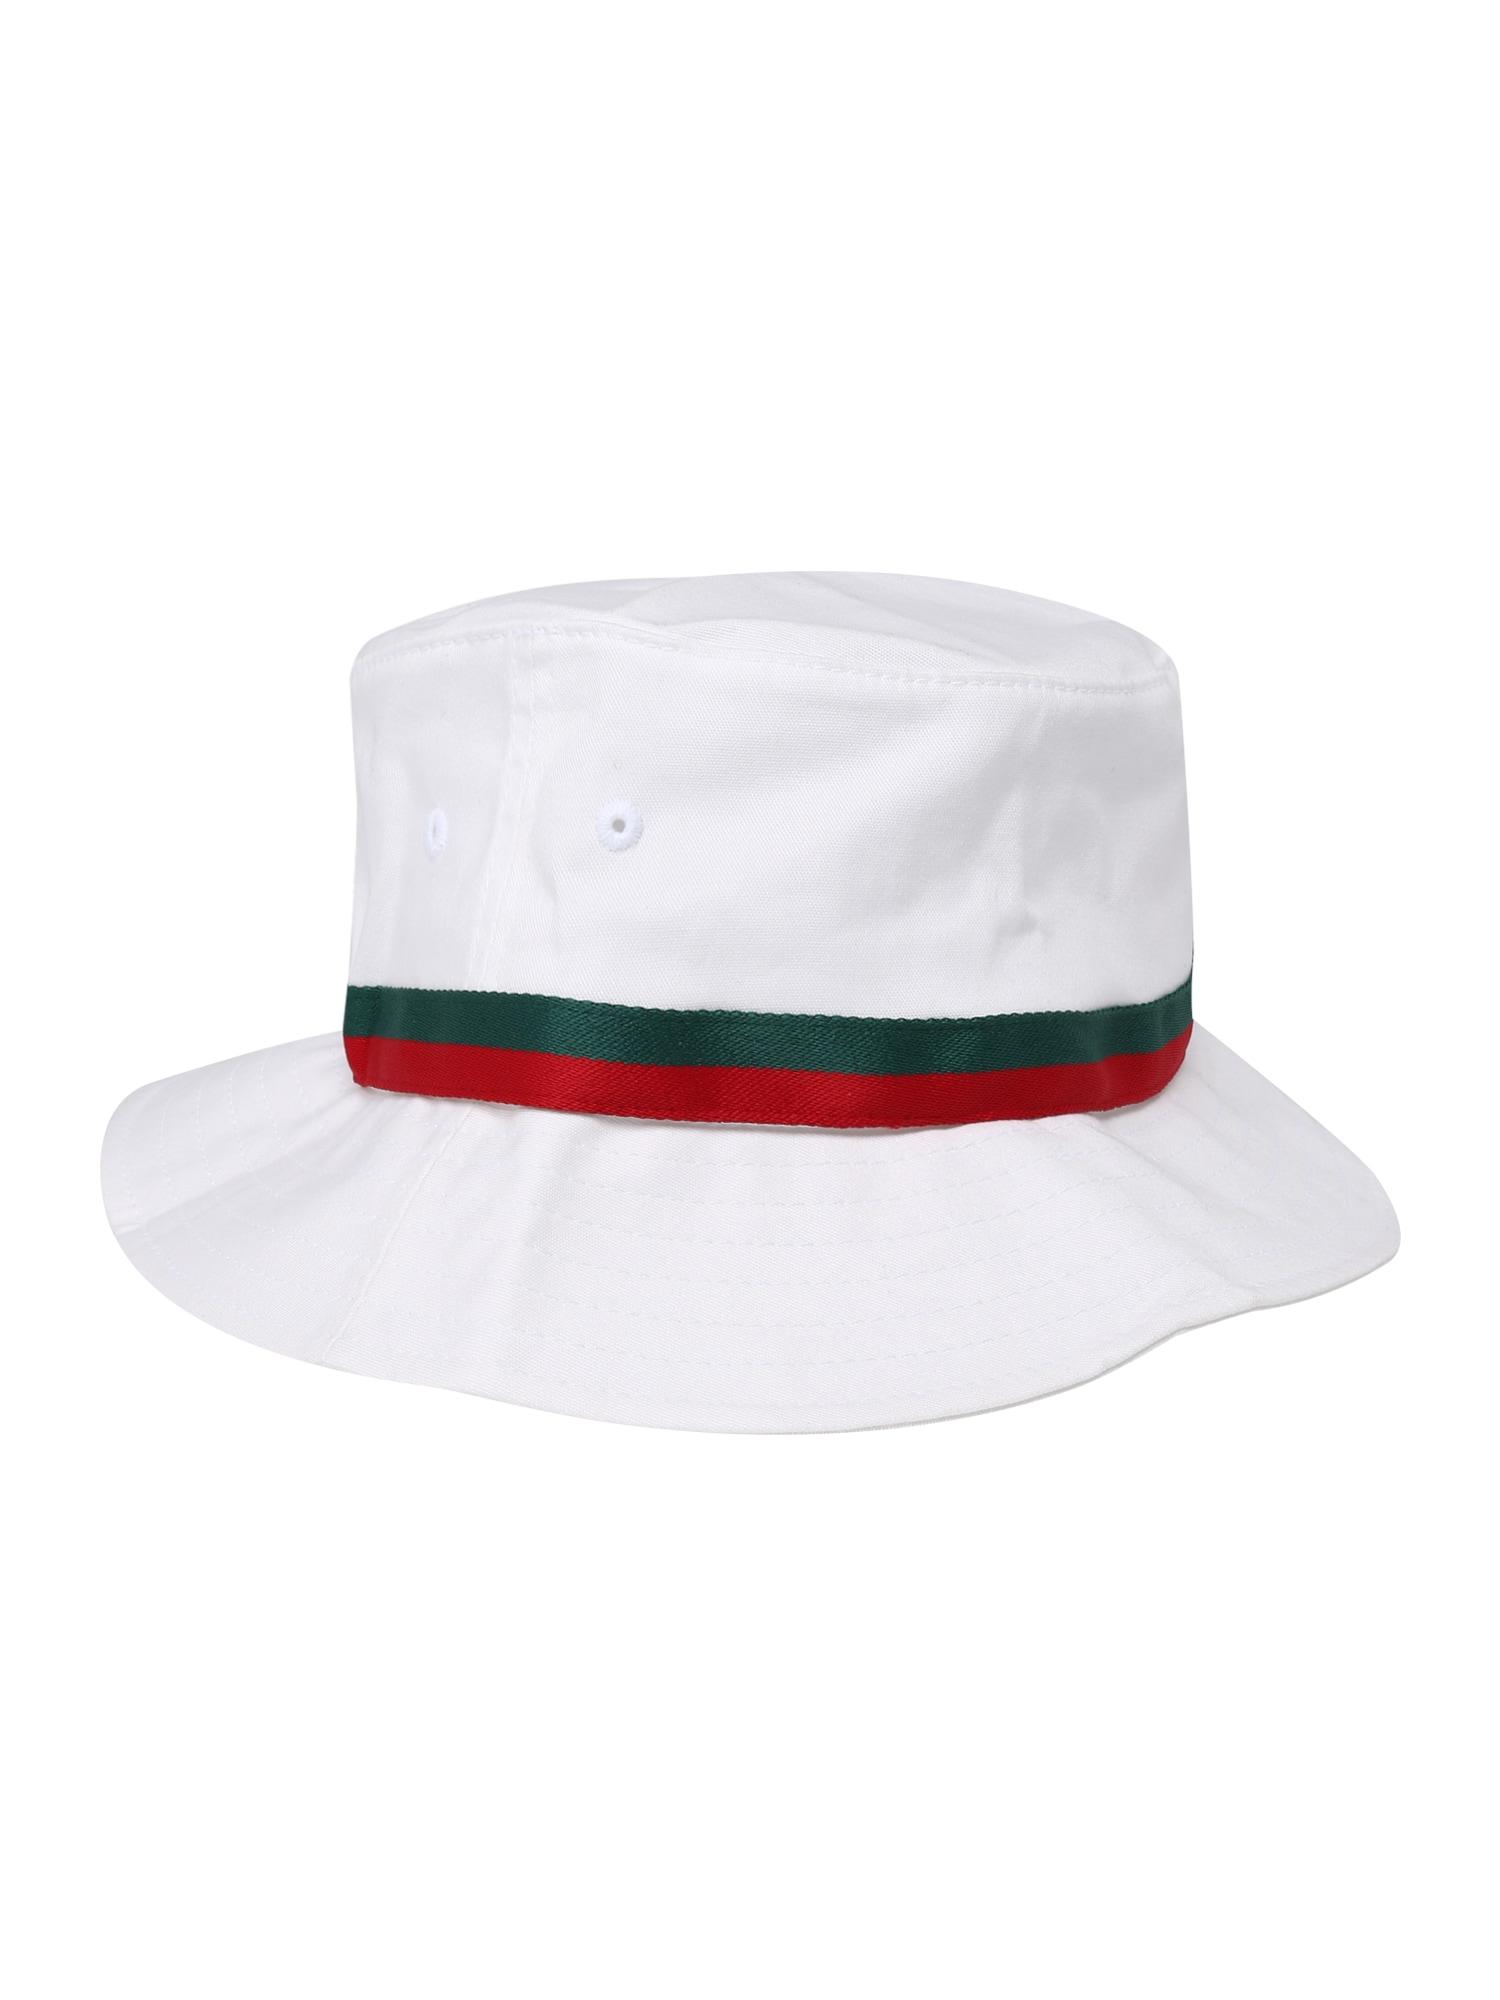 Klobouk Stripe Bucket Hat zelená červená bílá Flexfit